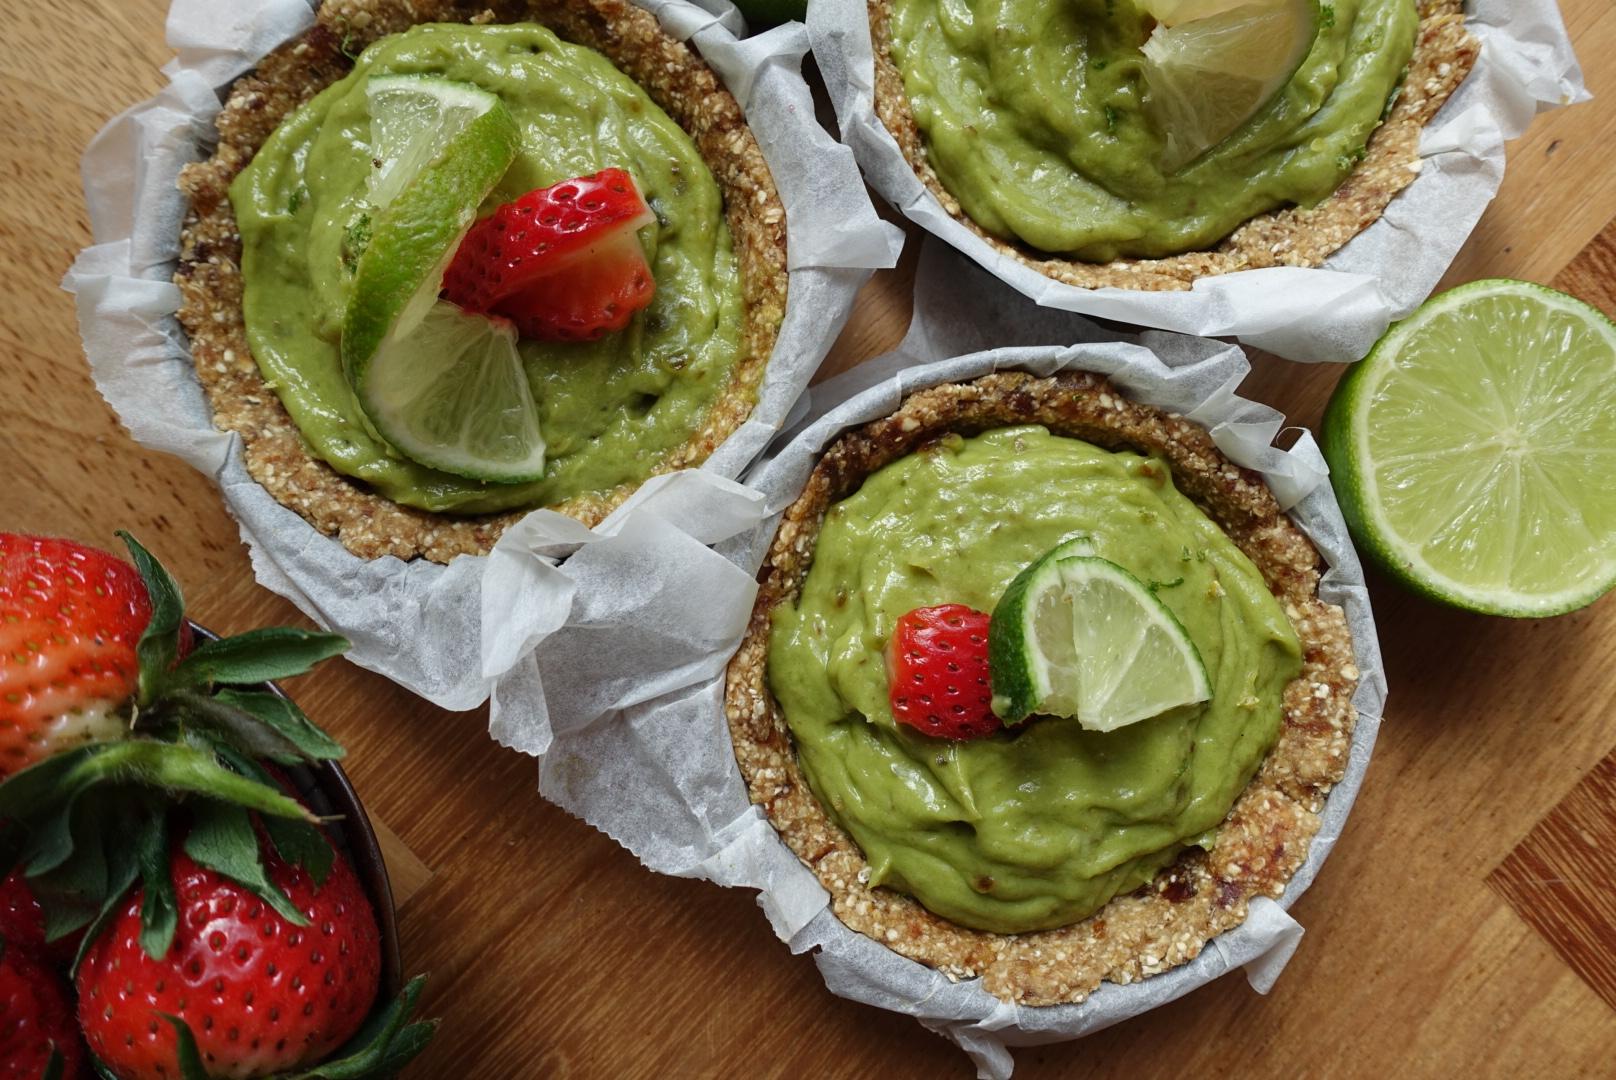 Vegan paasreceptje: Avocado-limoen taartjes met zoete aardbeien